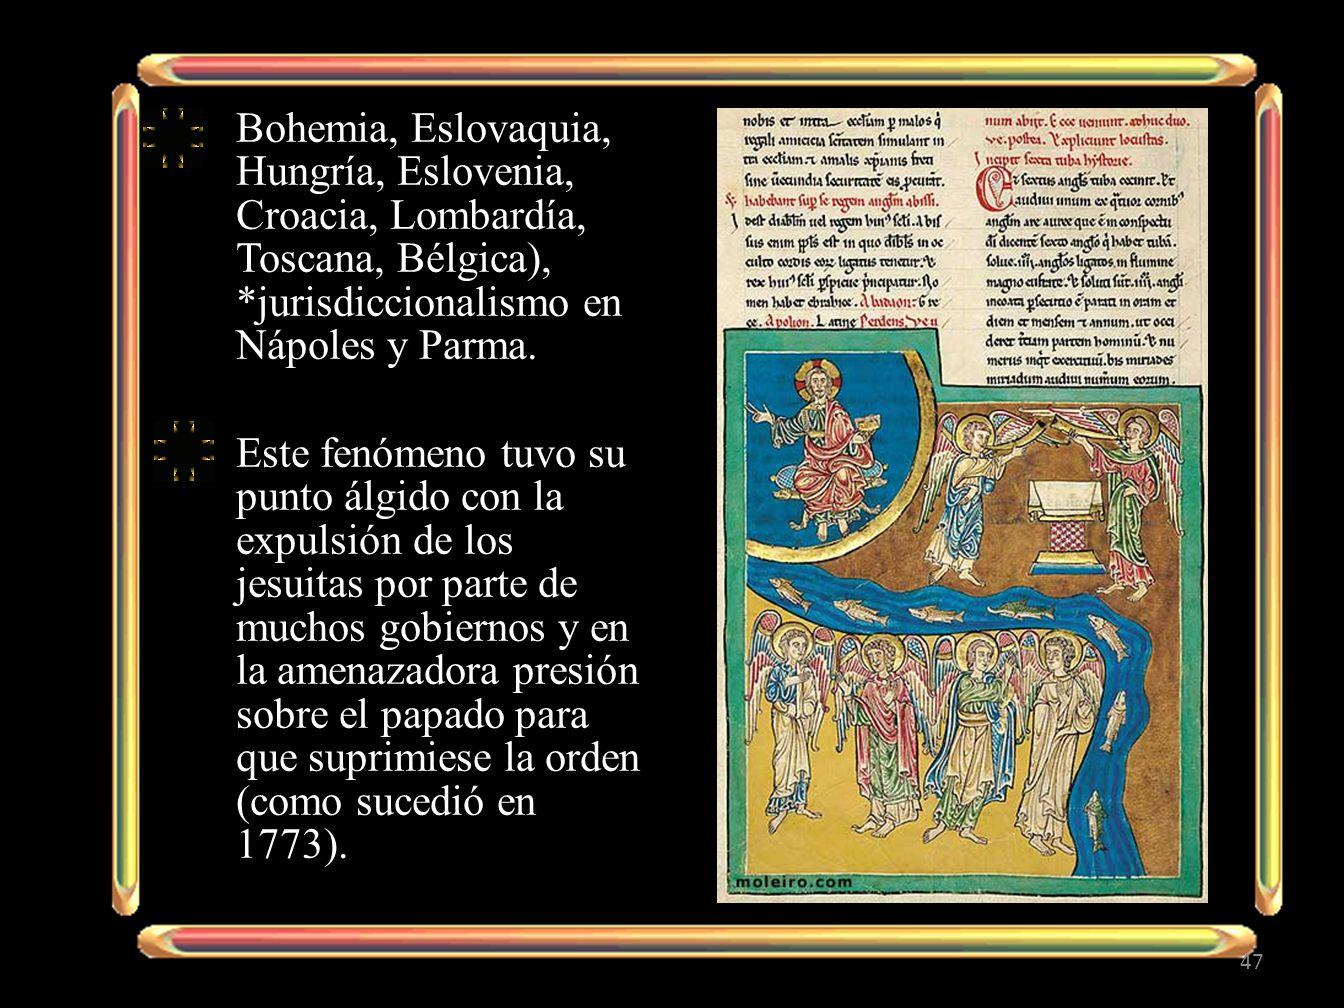 Bohemia, Eslovaquia, Hungría, Eslovenia, Croacia, Lombardía, Toscana, Bélgica), *jurisdiccionalismo en Nápoles y Parma. Este fenómeno tuvo su punto ál